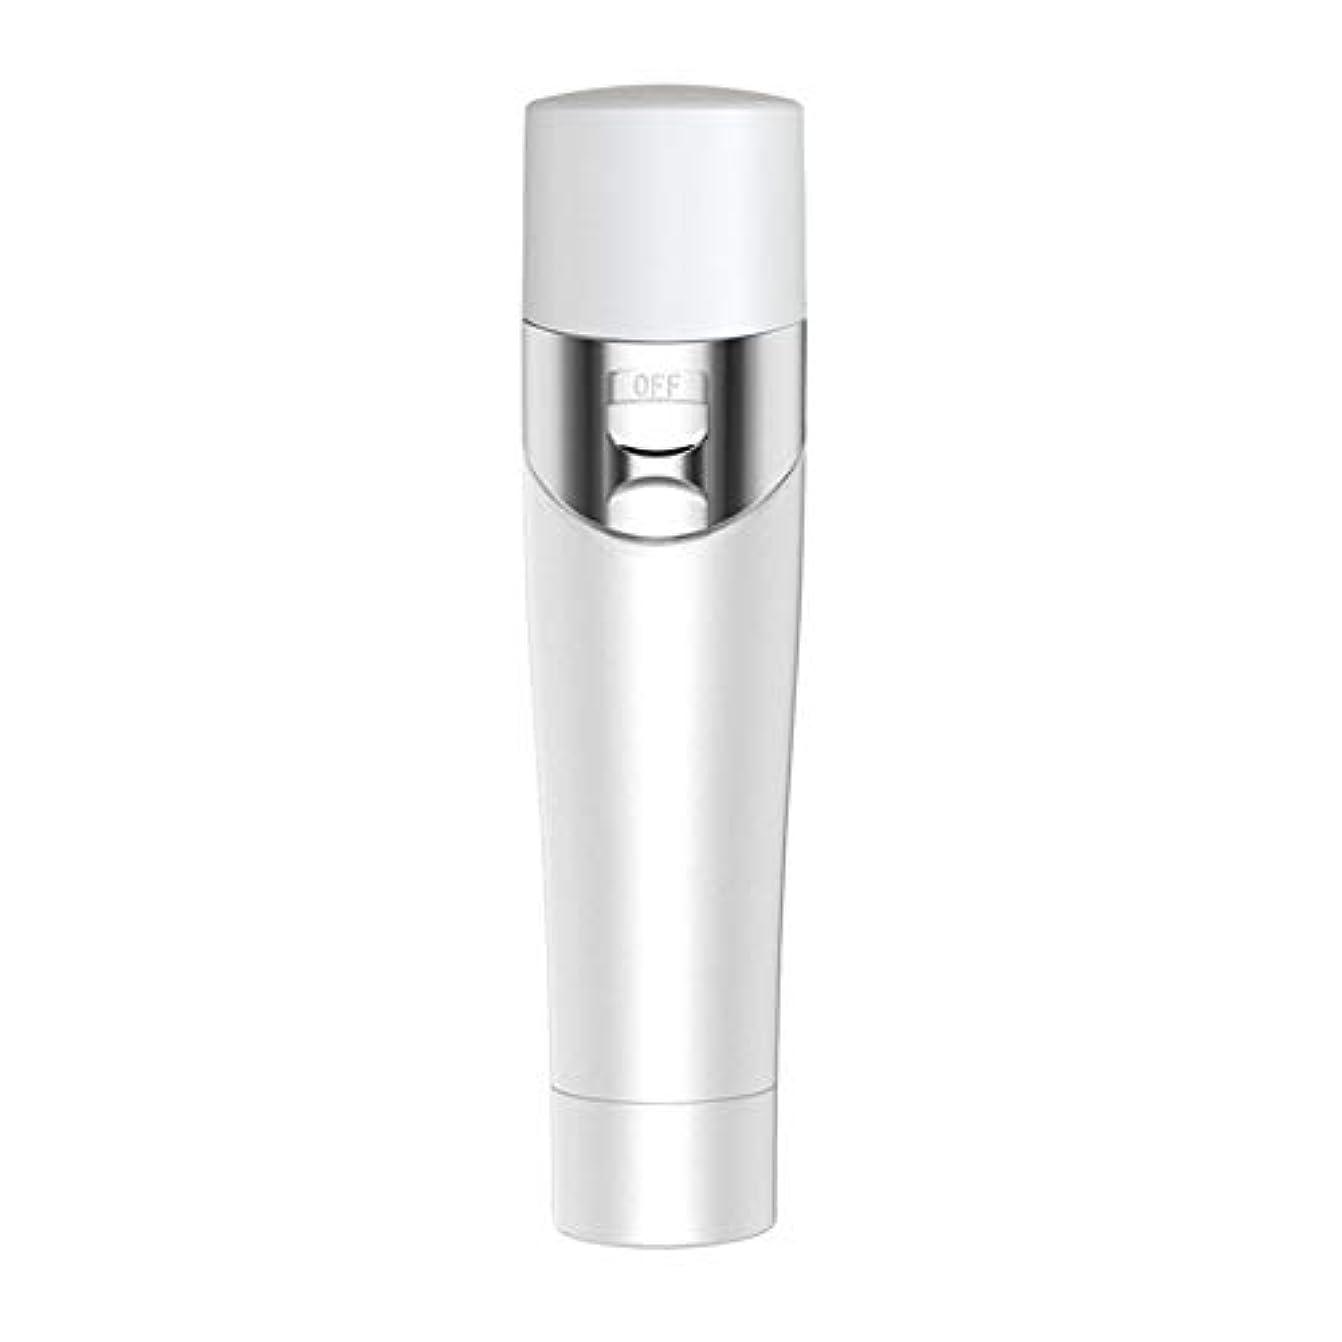 警告アーサーコナンドイルボトルネック5-in-1電気シェーバー、多機能眉毛シェーピングナイフ、女性のシンプルなファッションクレンジング器具、あらゆる肌タイプに適しています